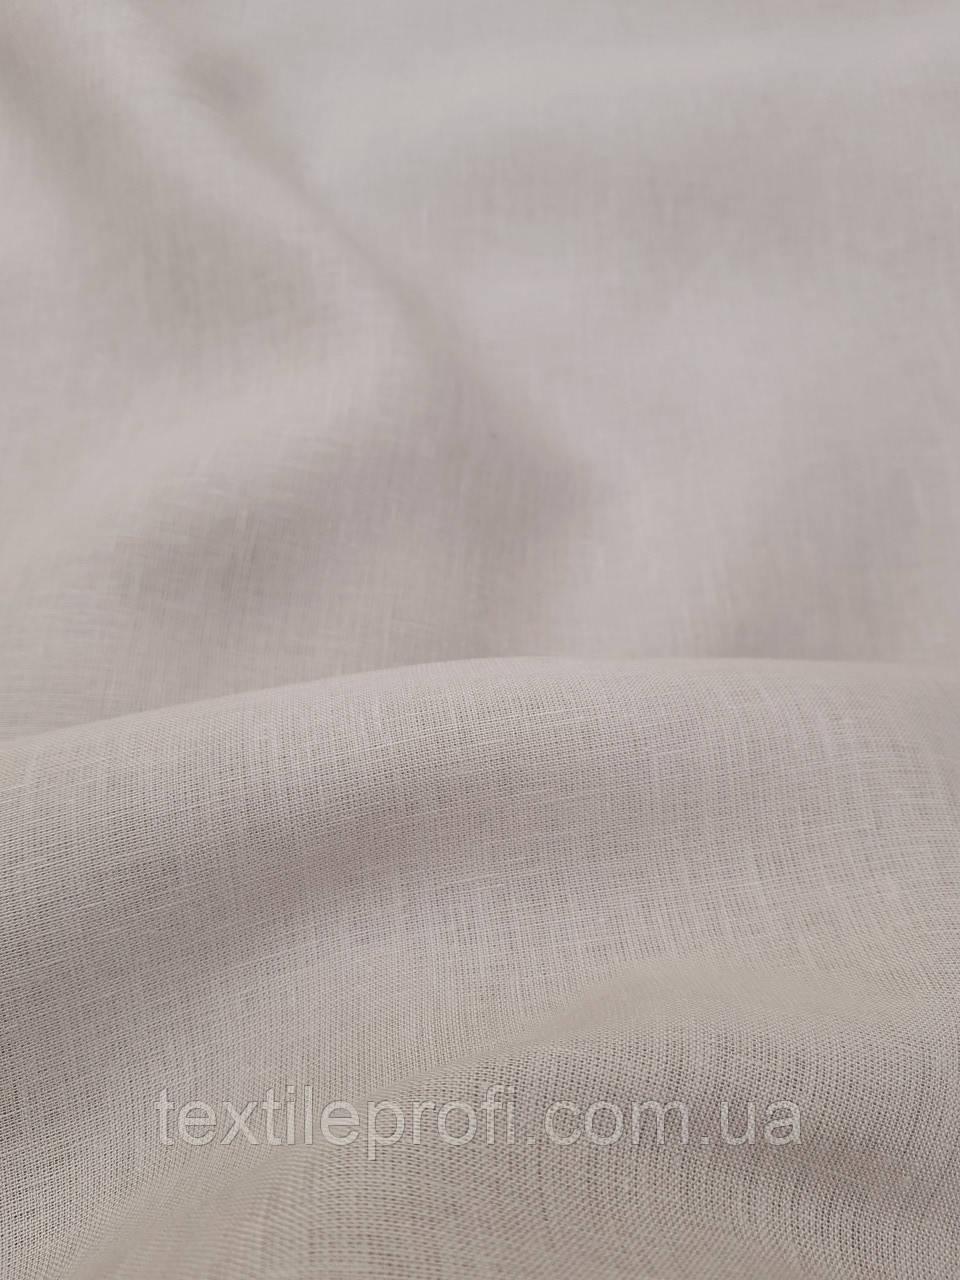 Льняную ткань для постельного белья купить в ткани пвх купить в нижнем новгороде